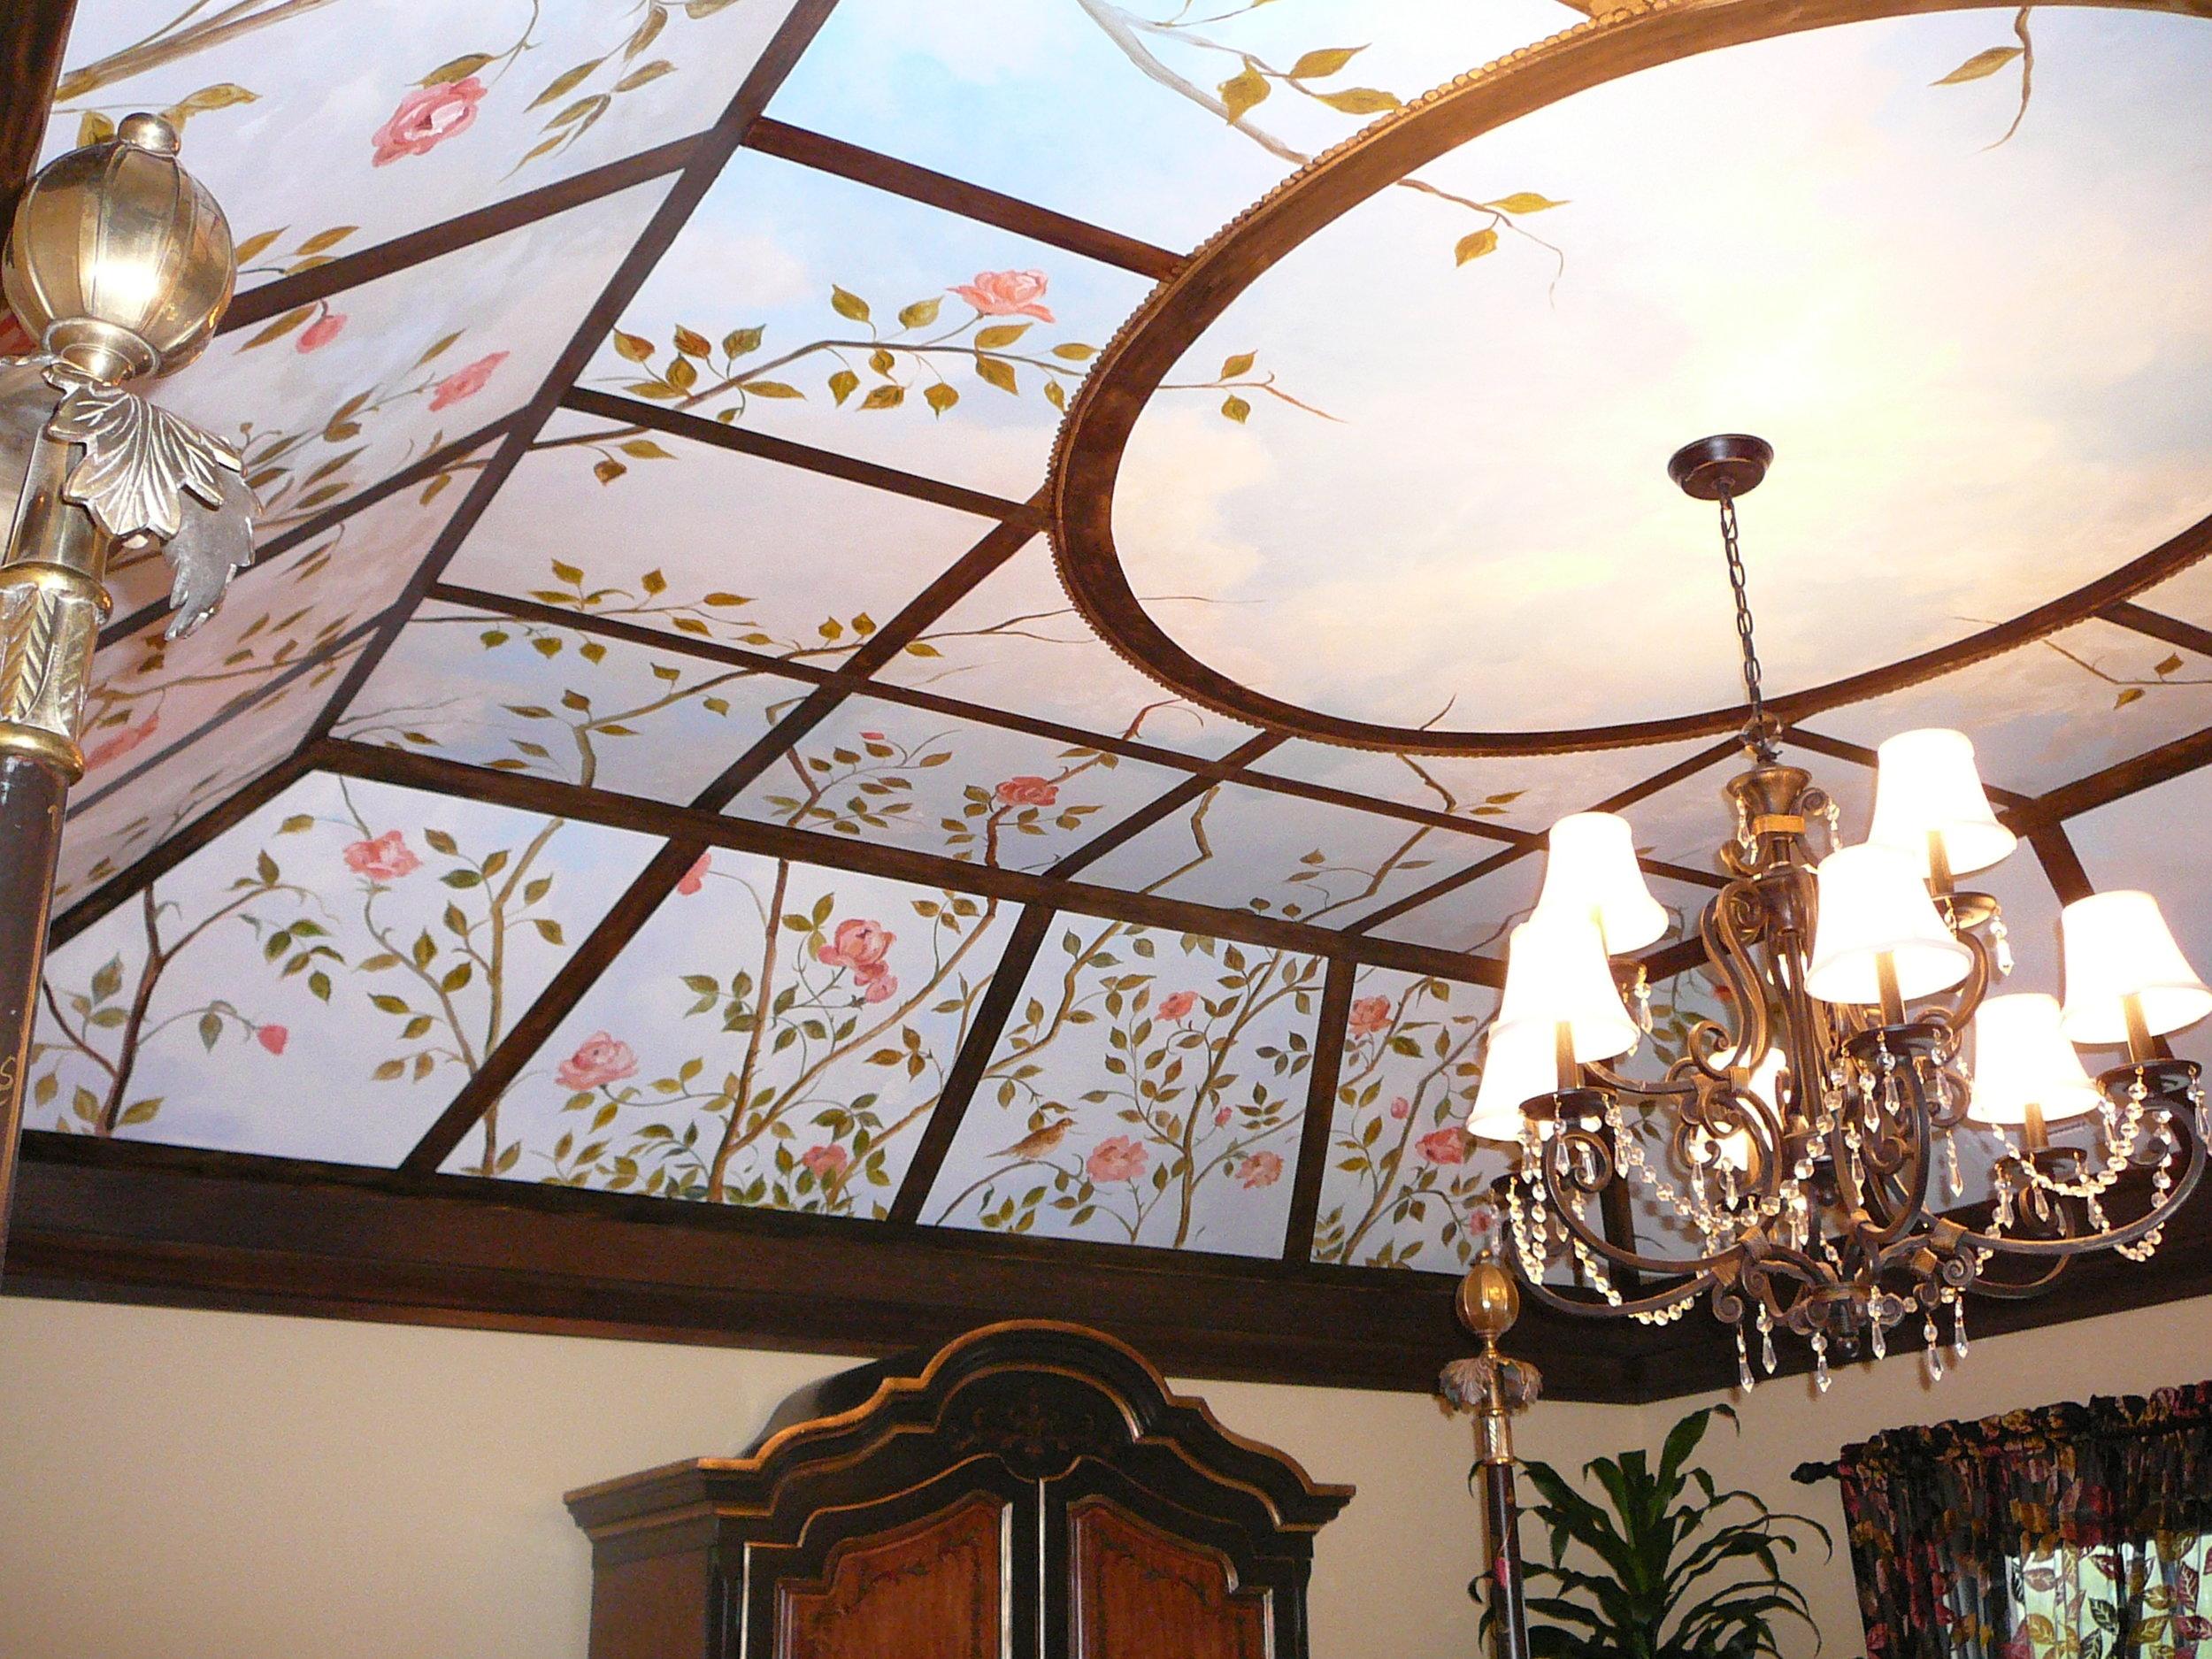 Ceiling-Atrium sky, roses Trompe 026.jpg